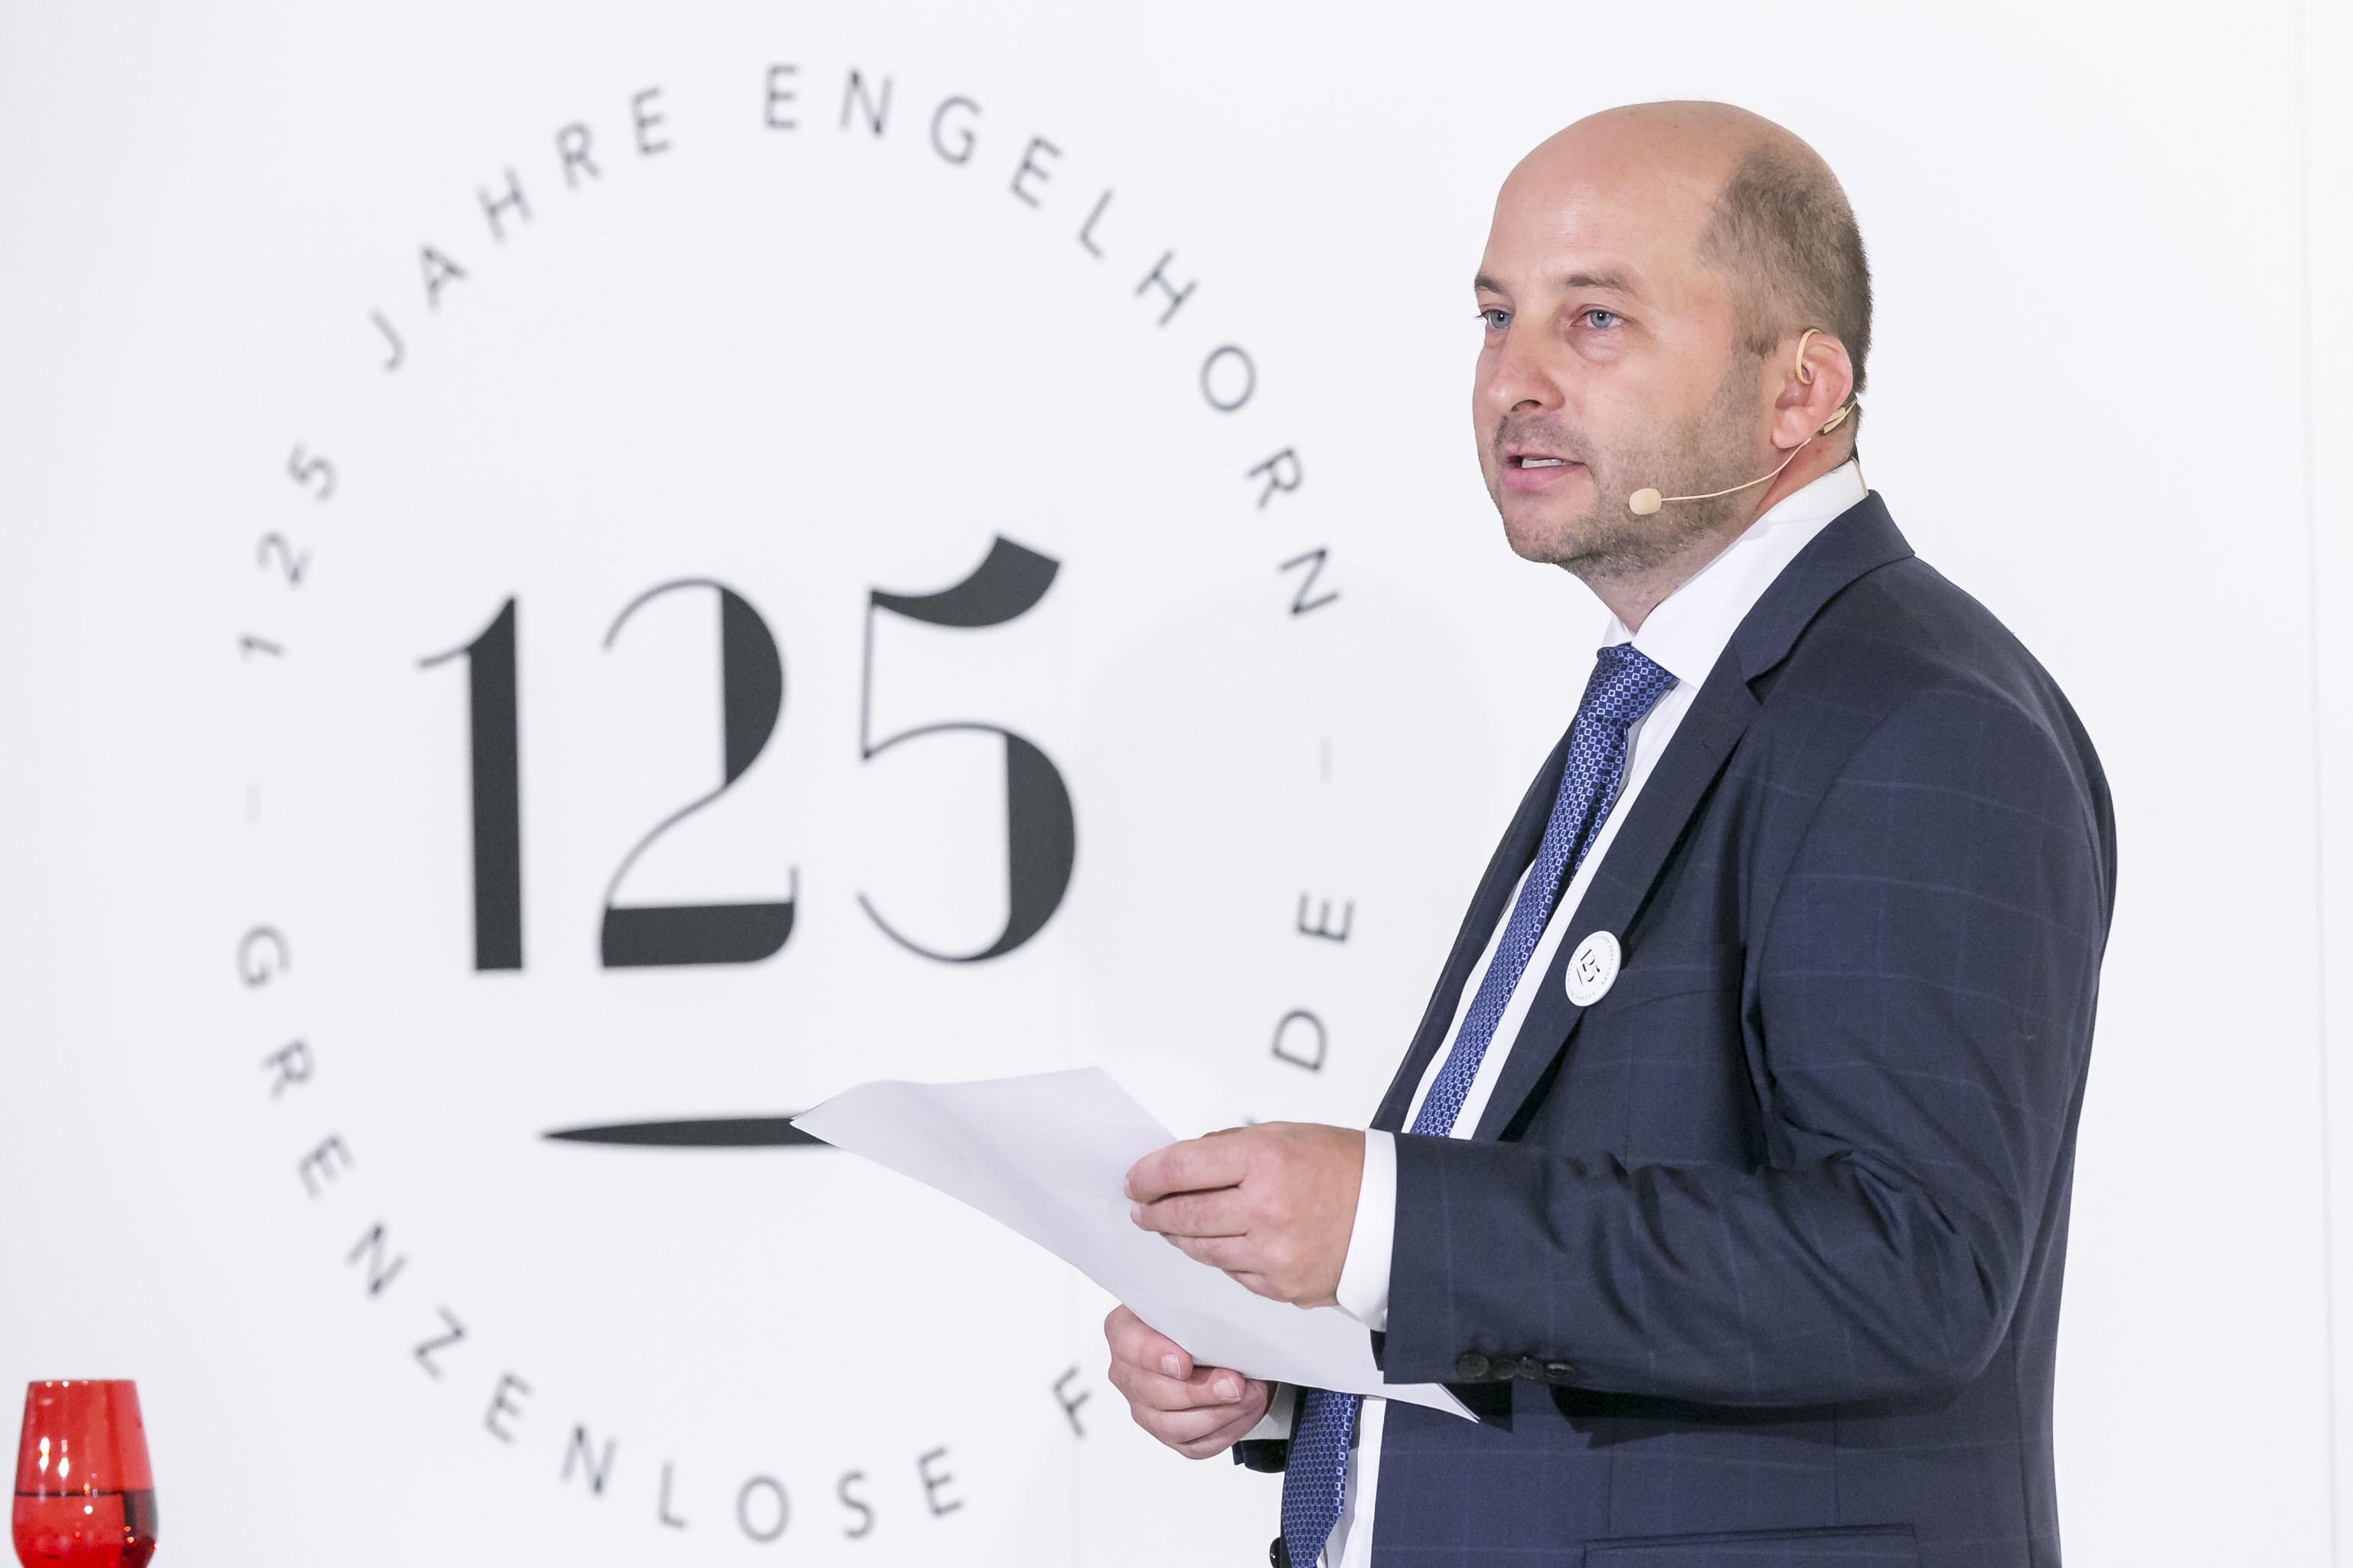 125 Jahre engelhorn - die große Eröffnungsfeier